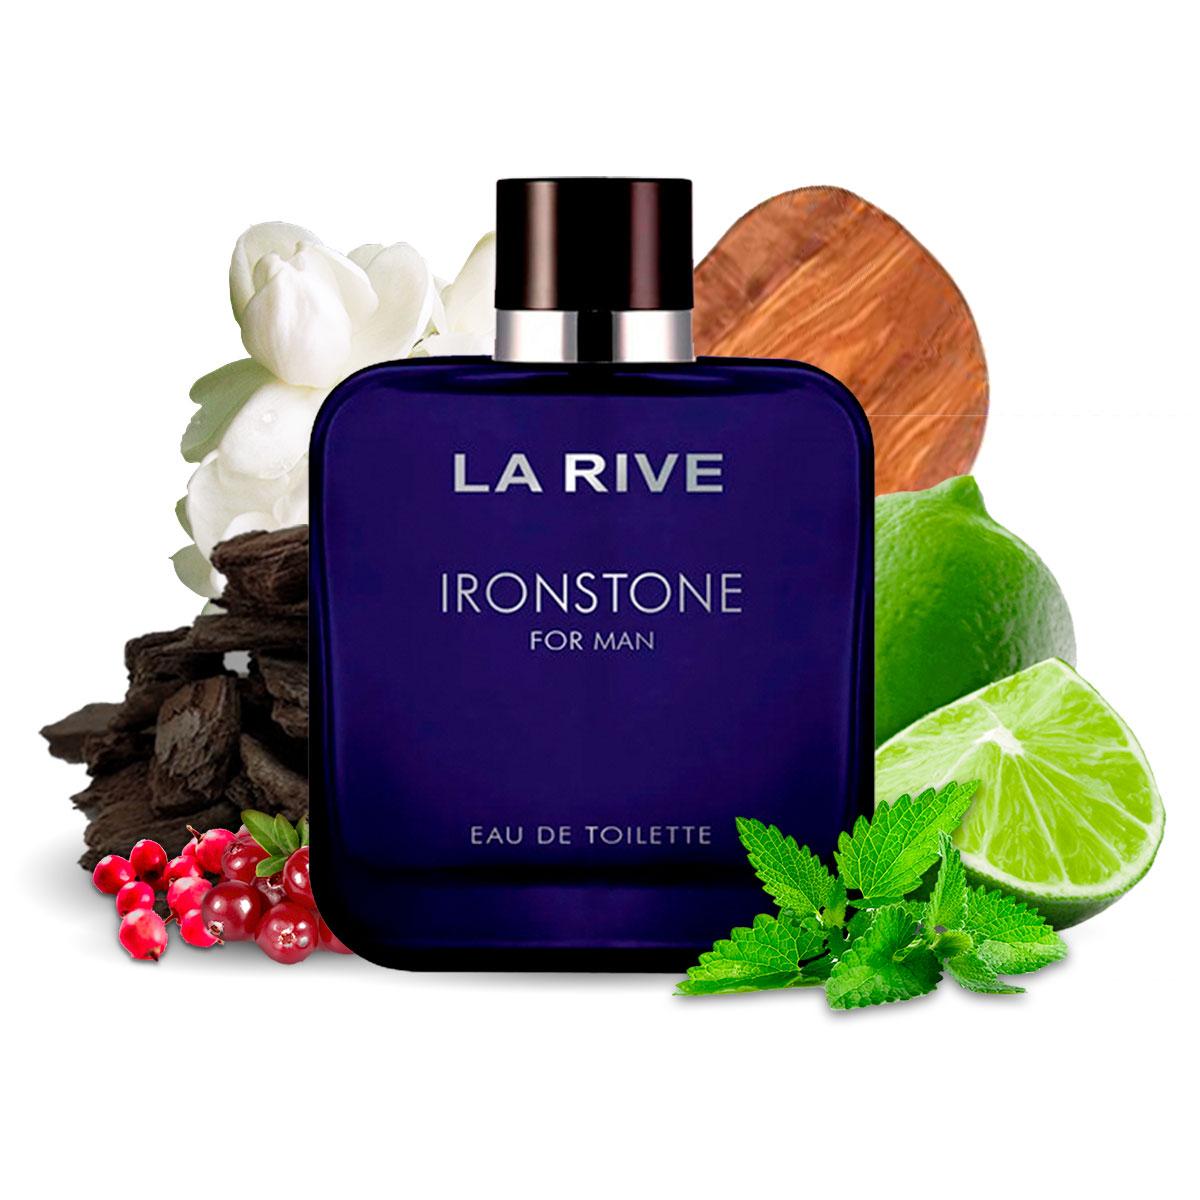 Kit 2 Perfumes Importados Brave e Ironstone La Rive